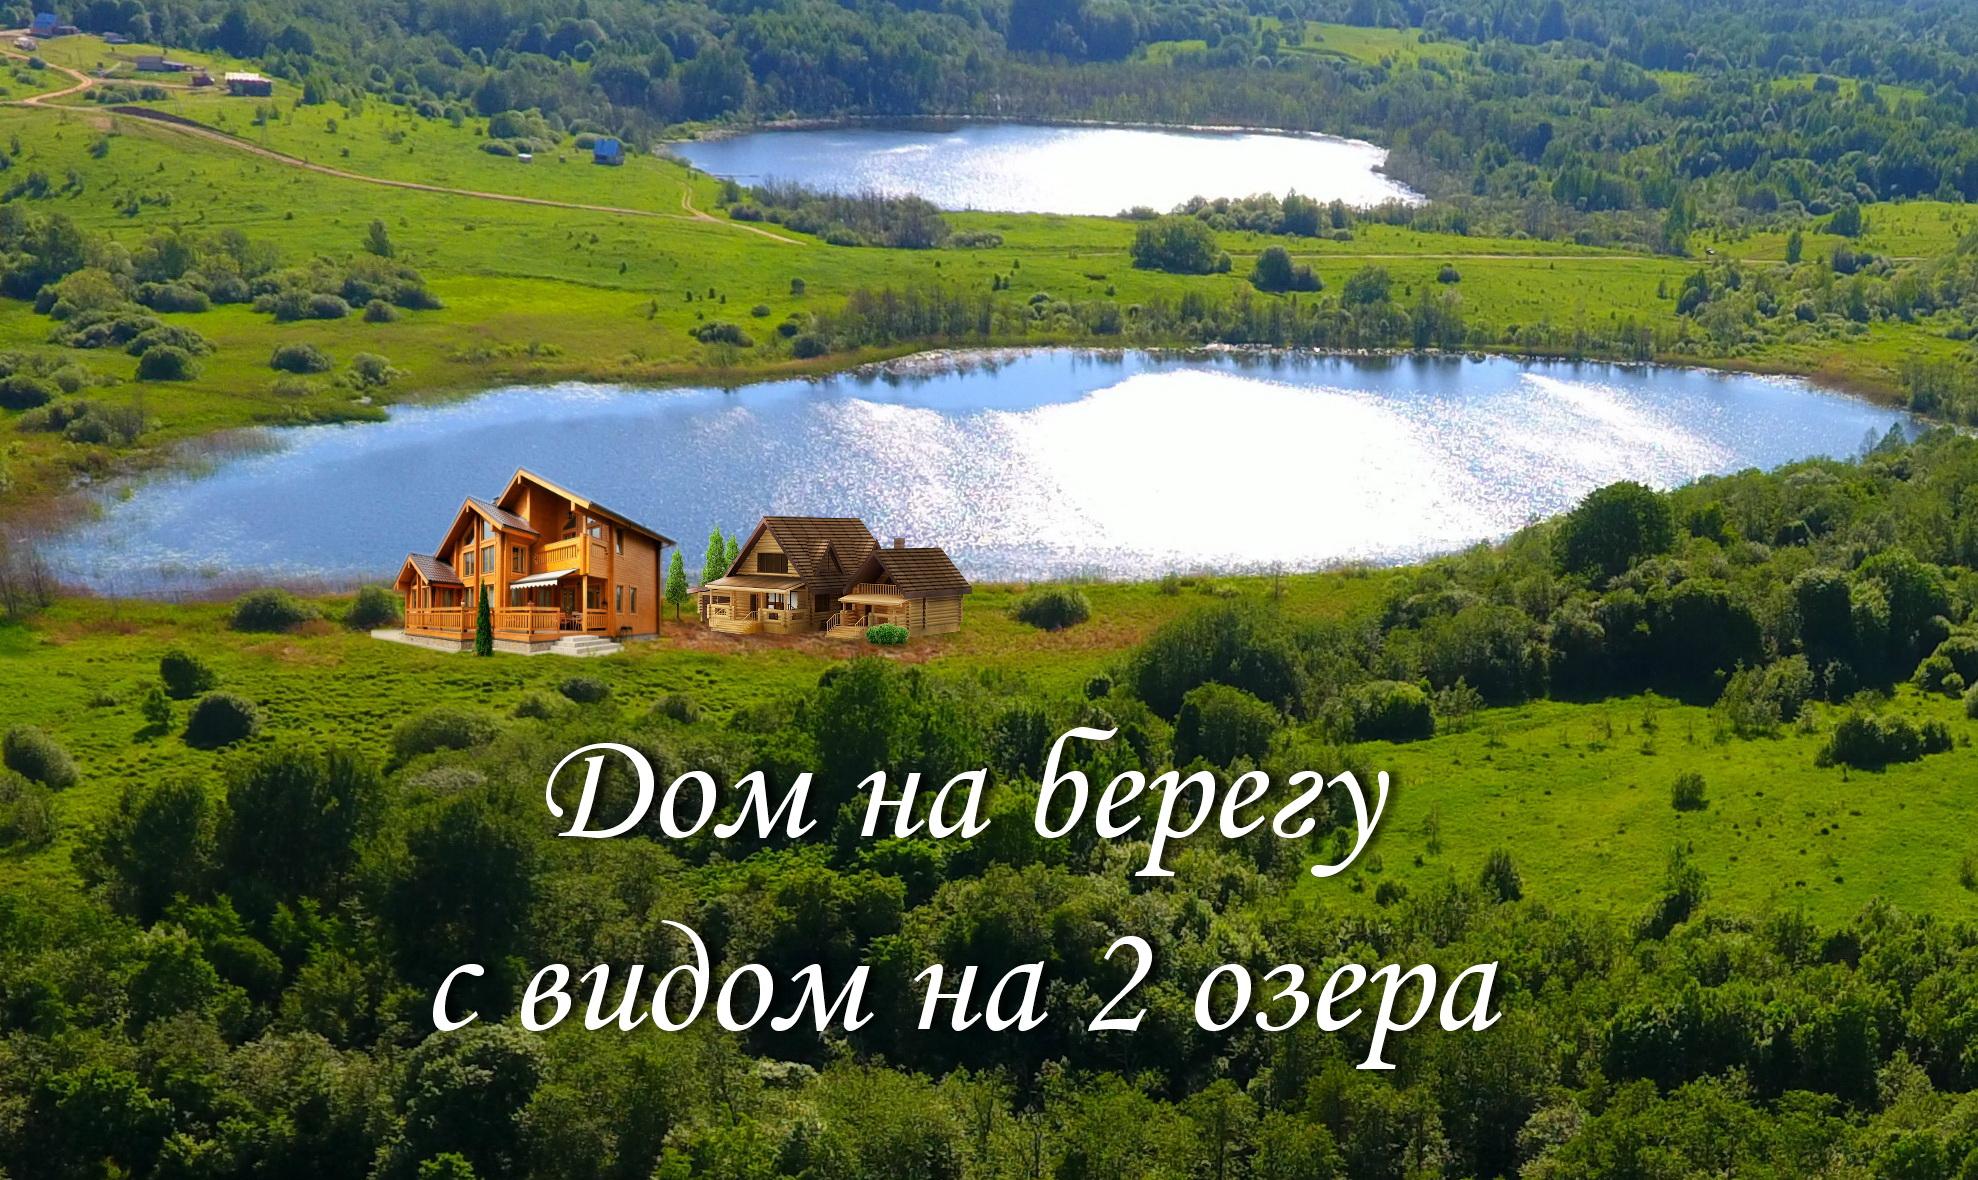 земля на берегу озера для строительства дачи или усадьбы